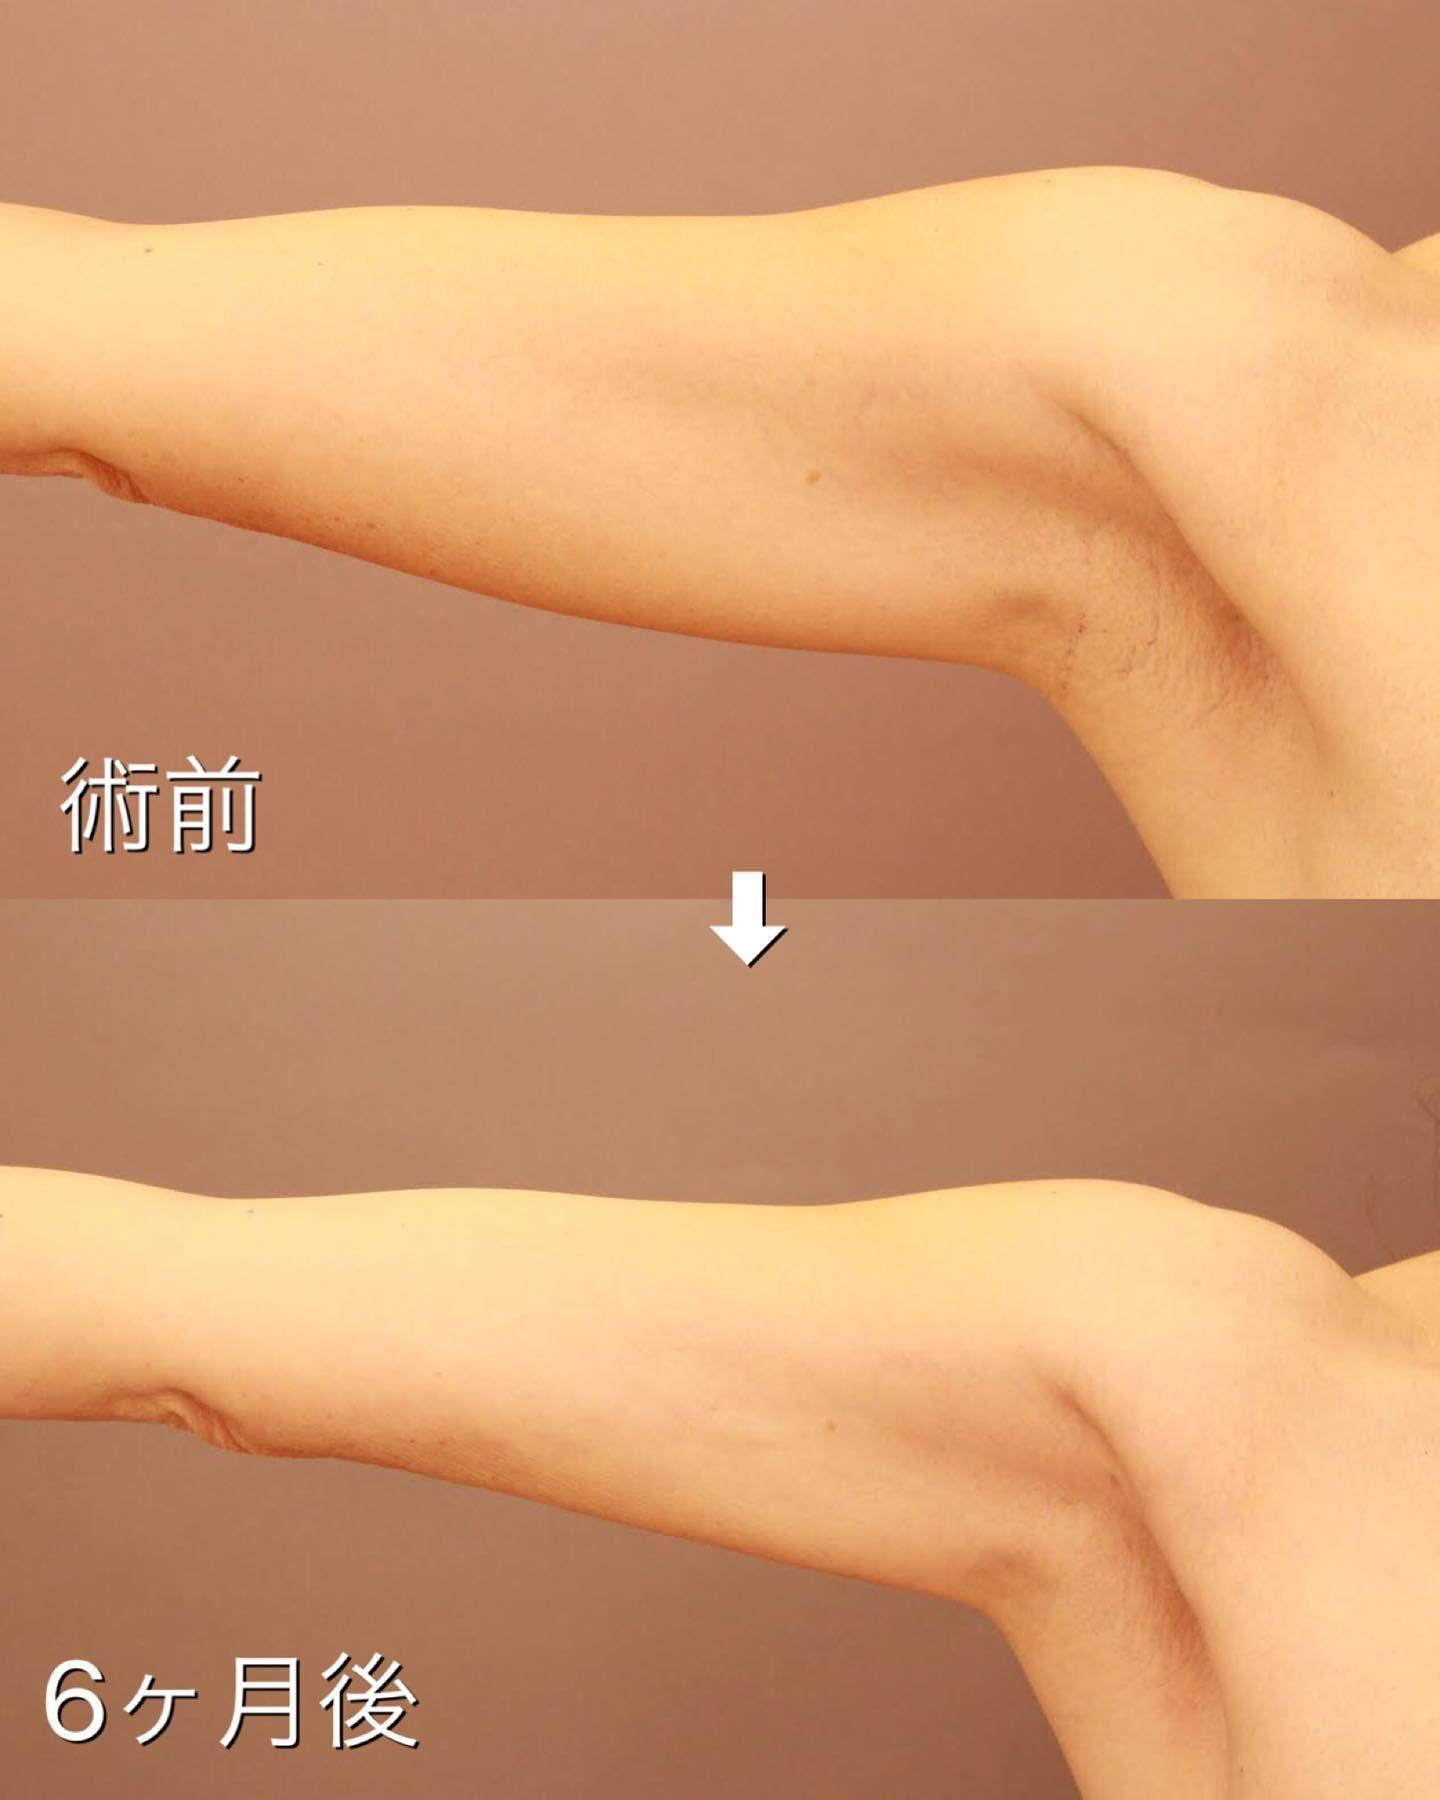 吸引 ブログ 脂肪 二の腕